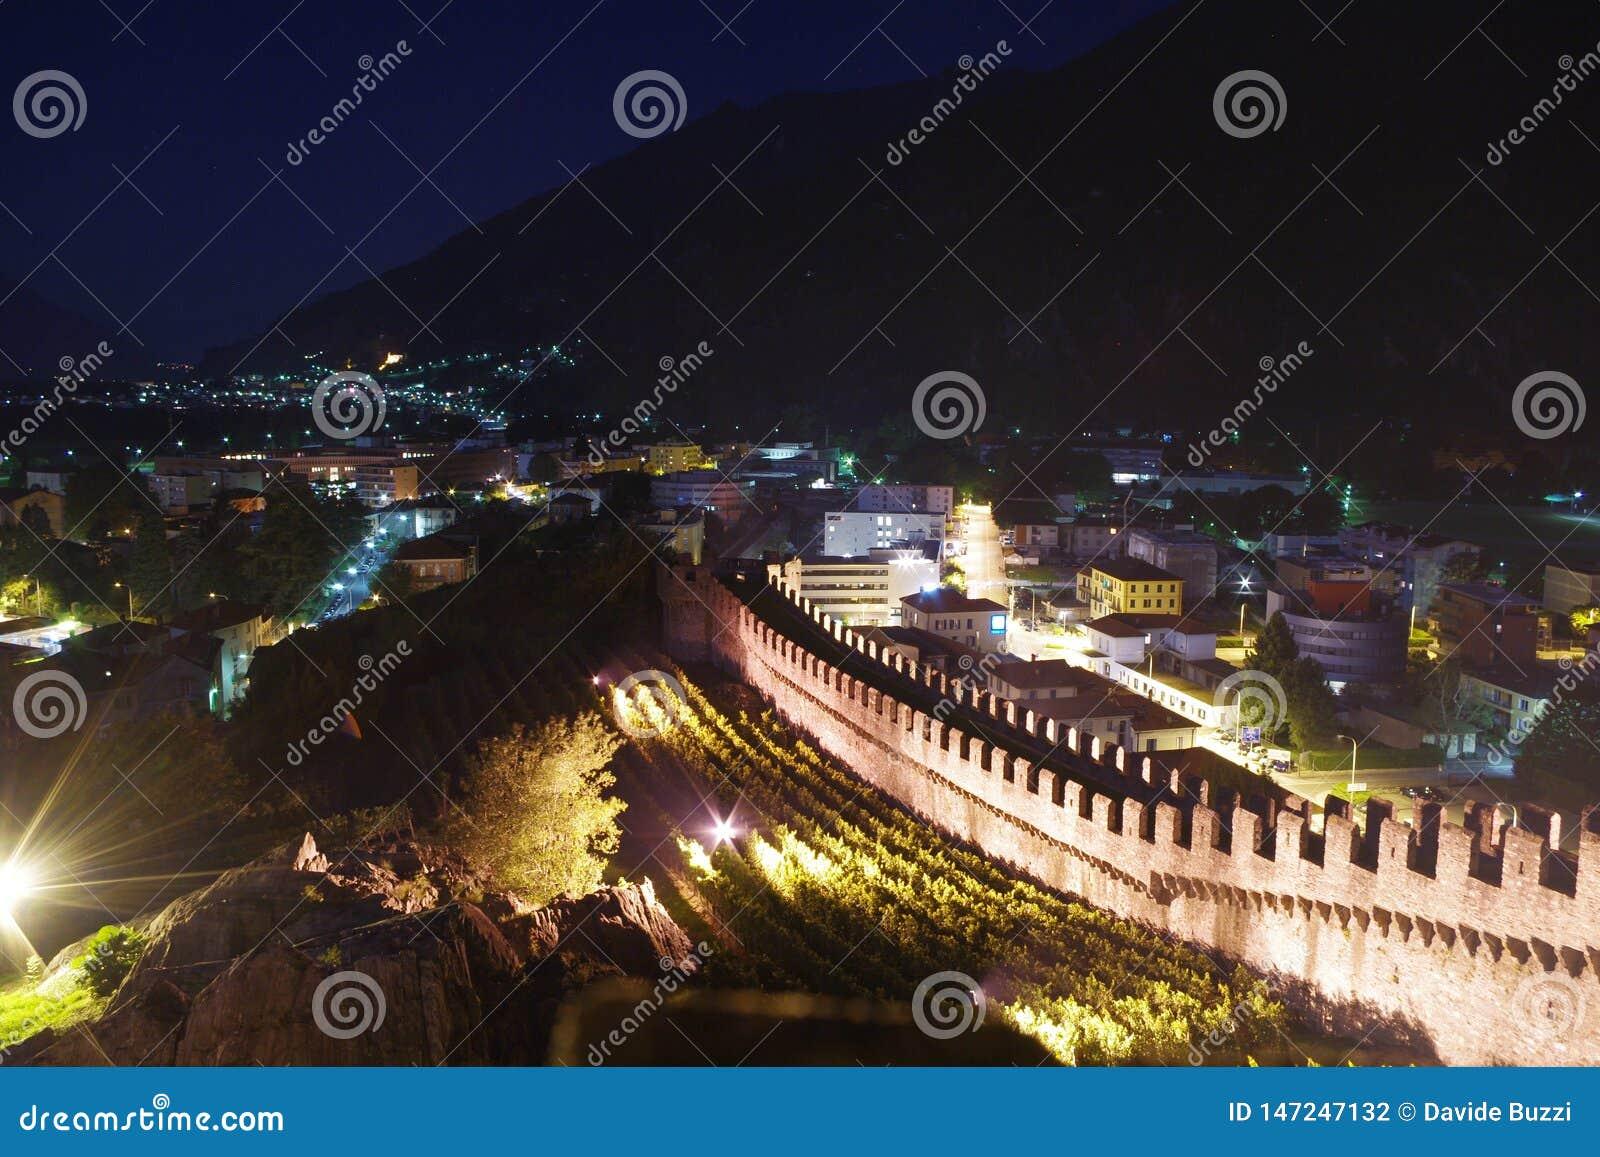 Τα κάστρα της Μπελιντζόνα, στην Ελβετία